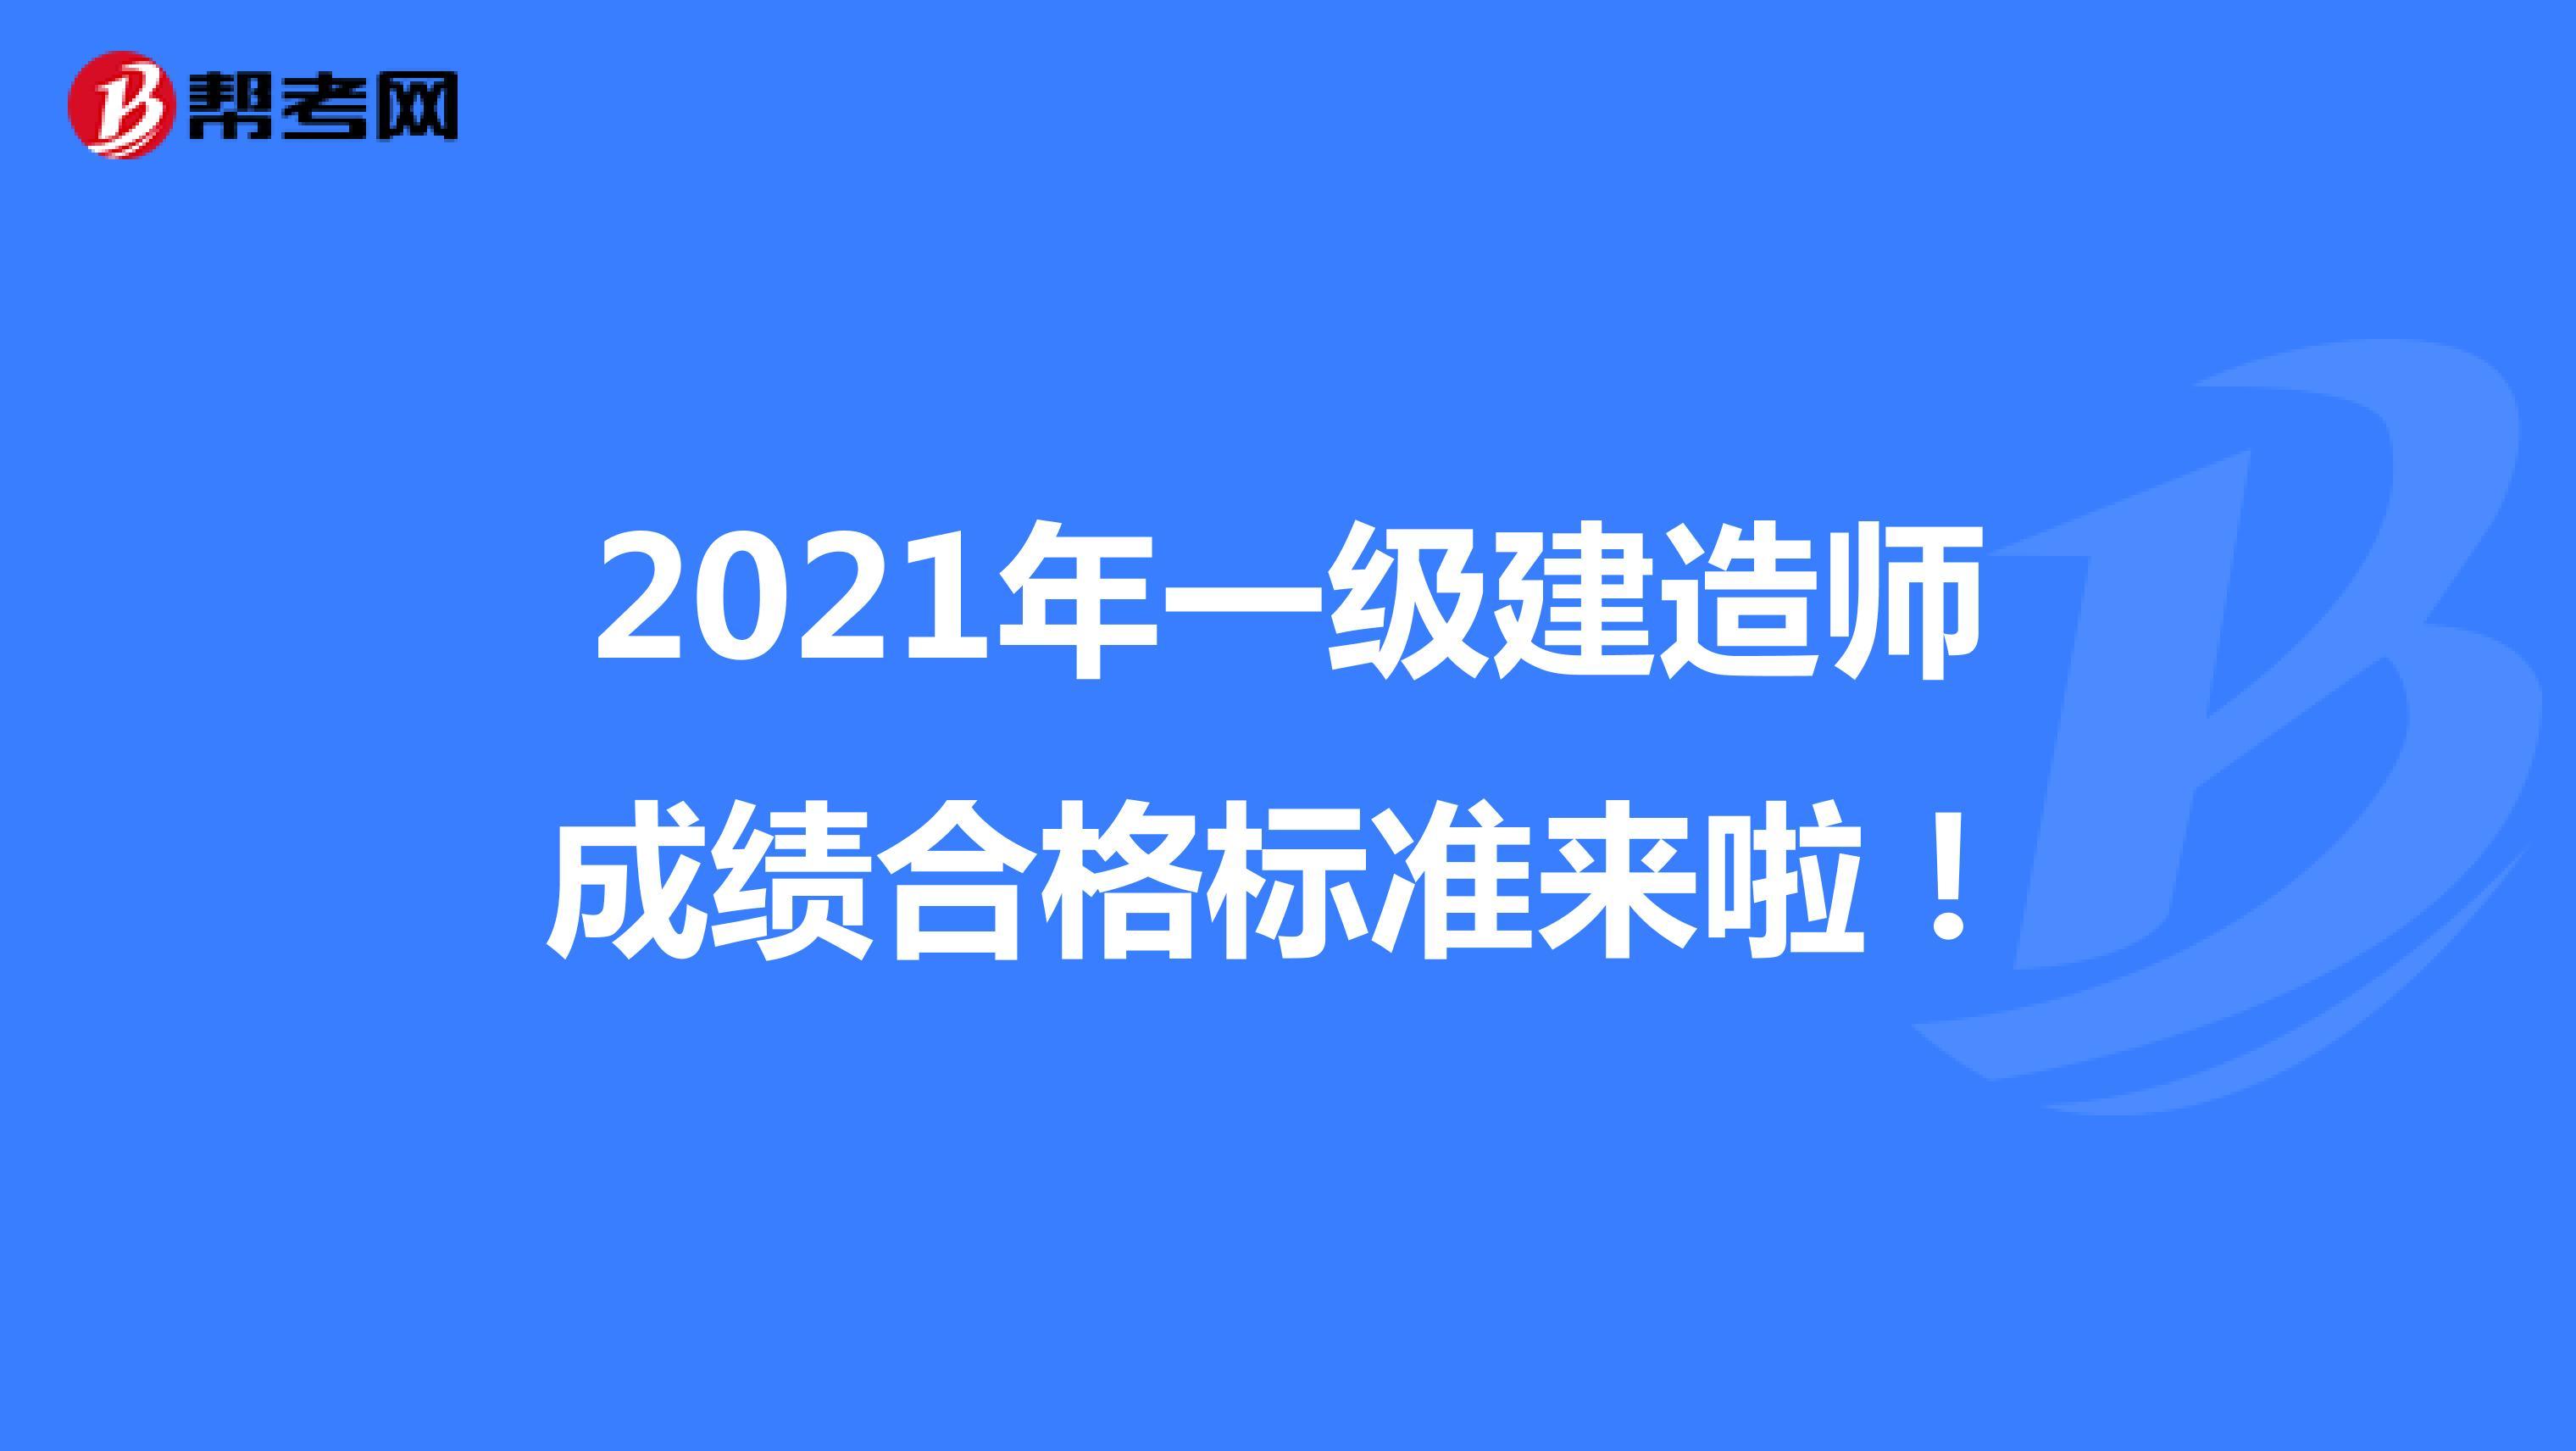 2021年【热竞技下载开户】一级建造师成绩合格标准来啦!